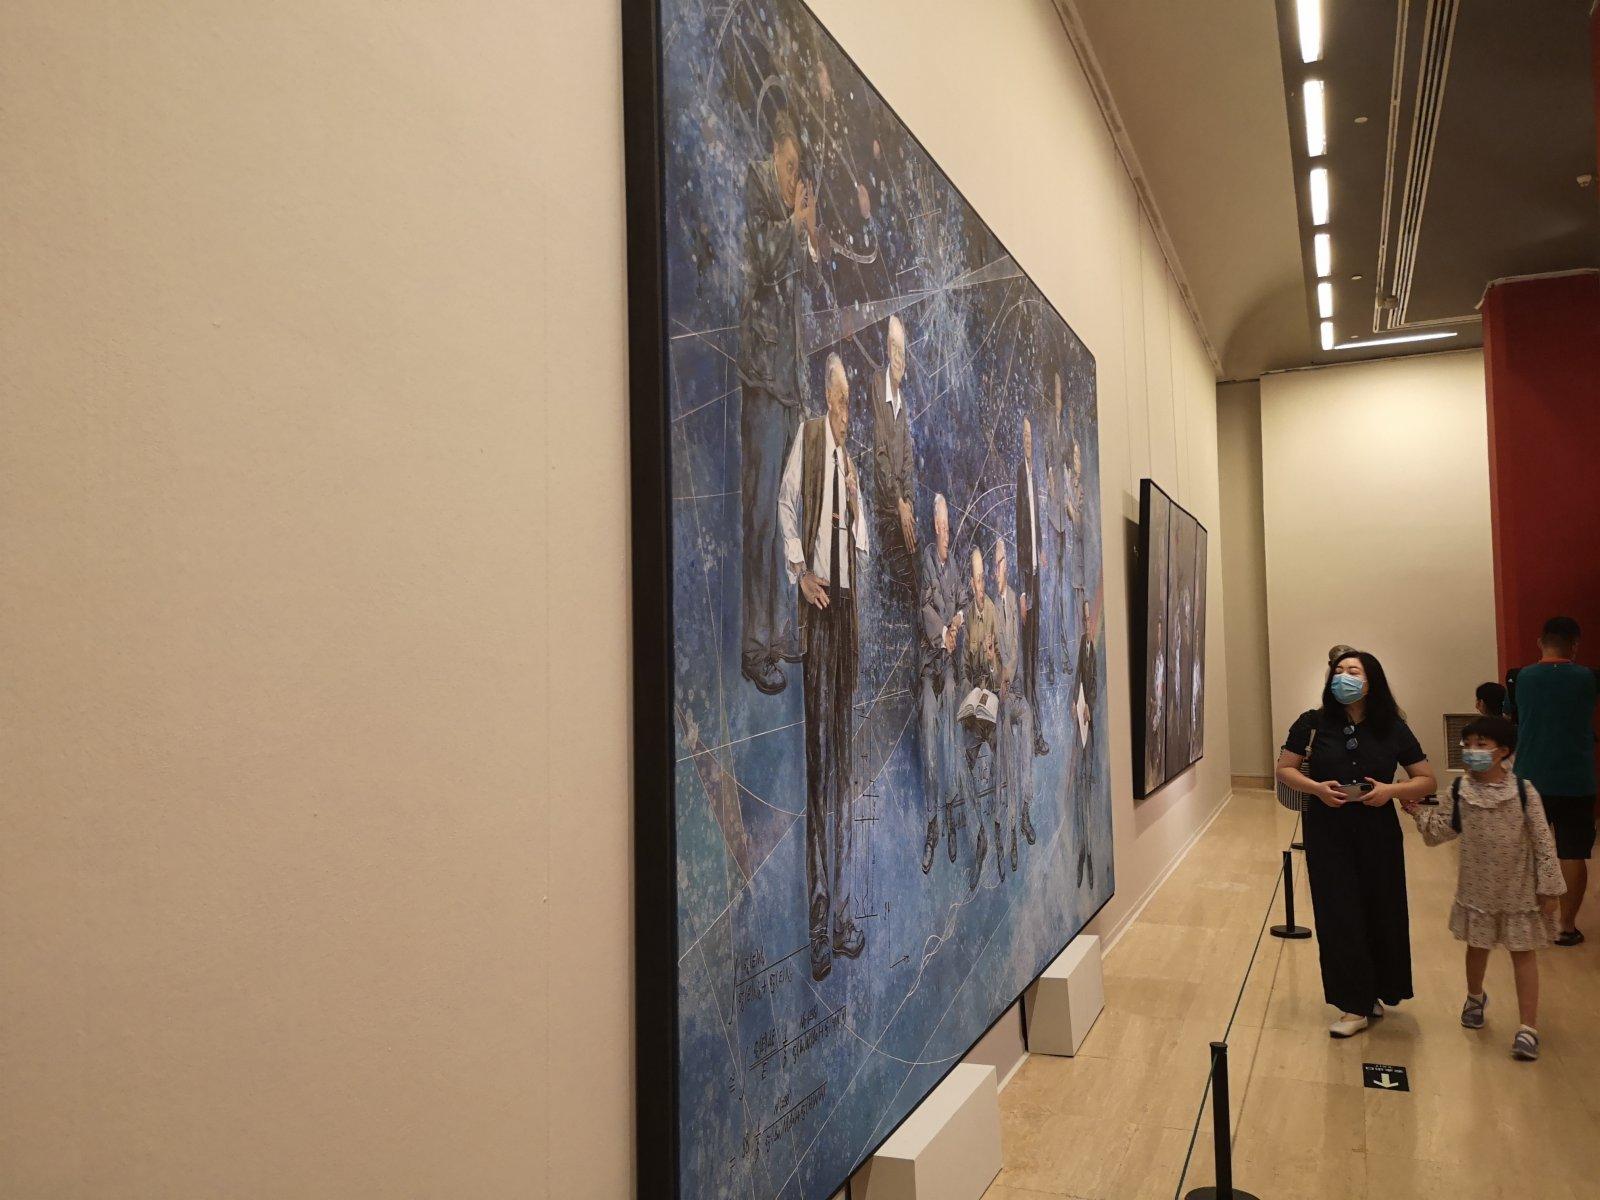 很多參觀者帶孩子一起參觀展覽。記者張寶峰攝